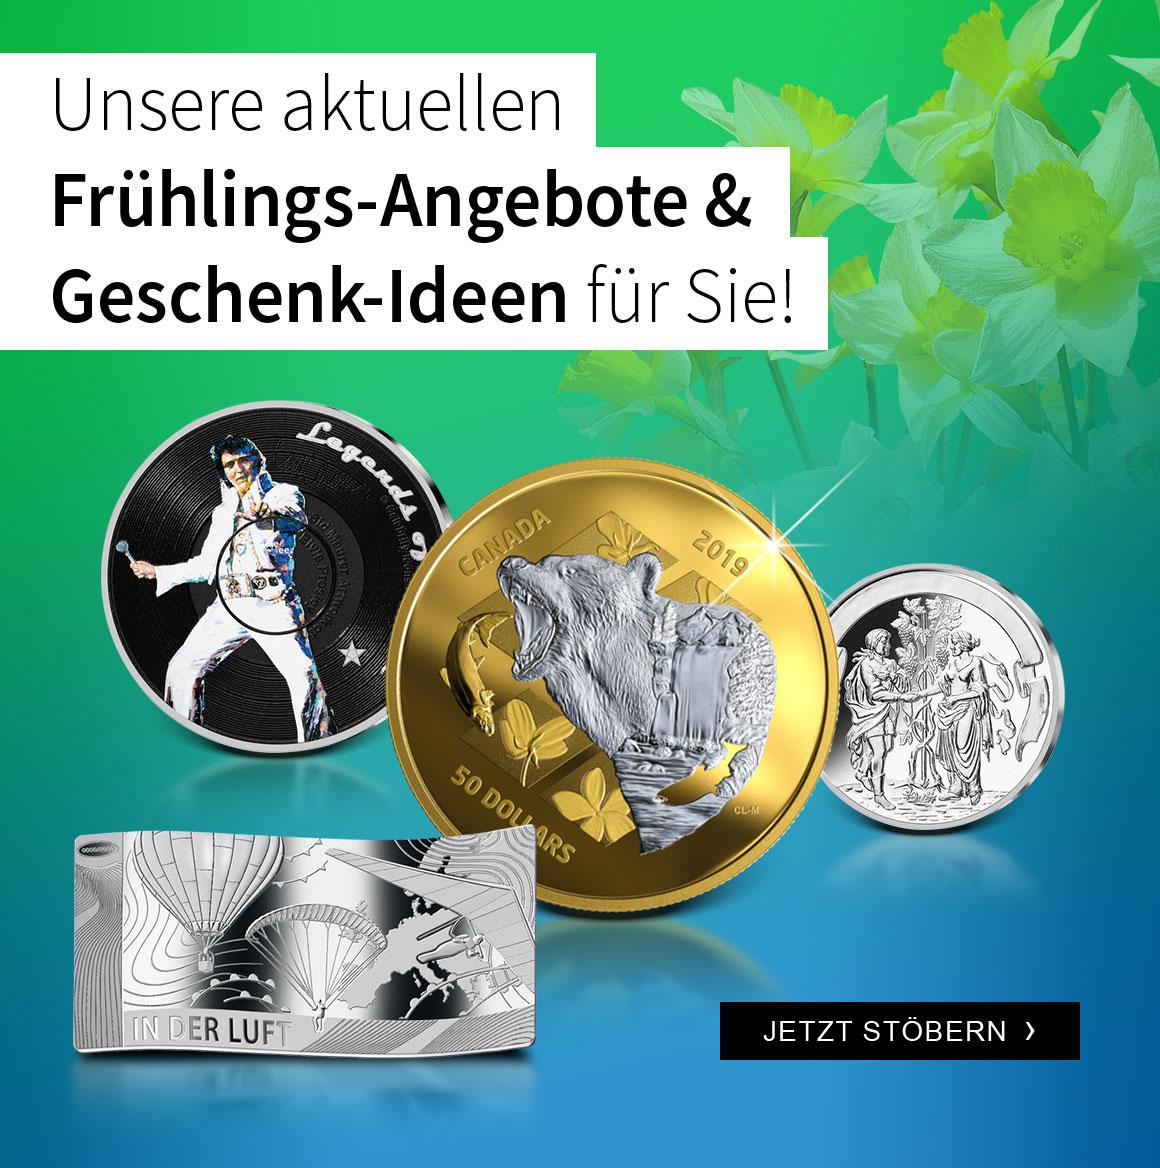 Unsere aktuellen Frühlings-Angebote und Geschenk-Ideen